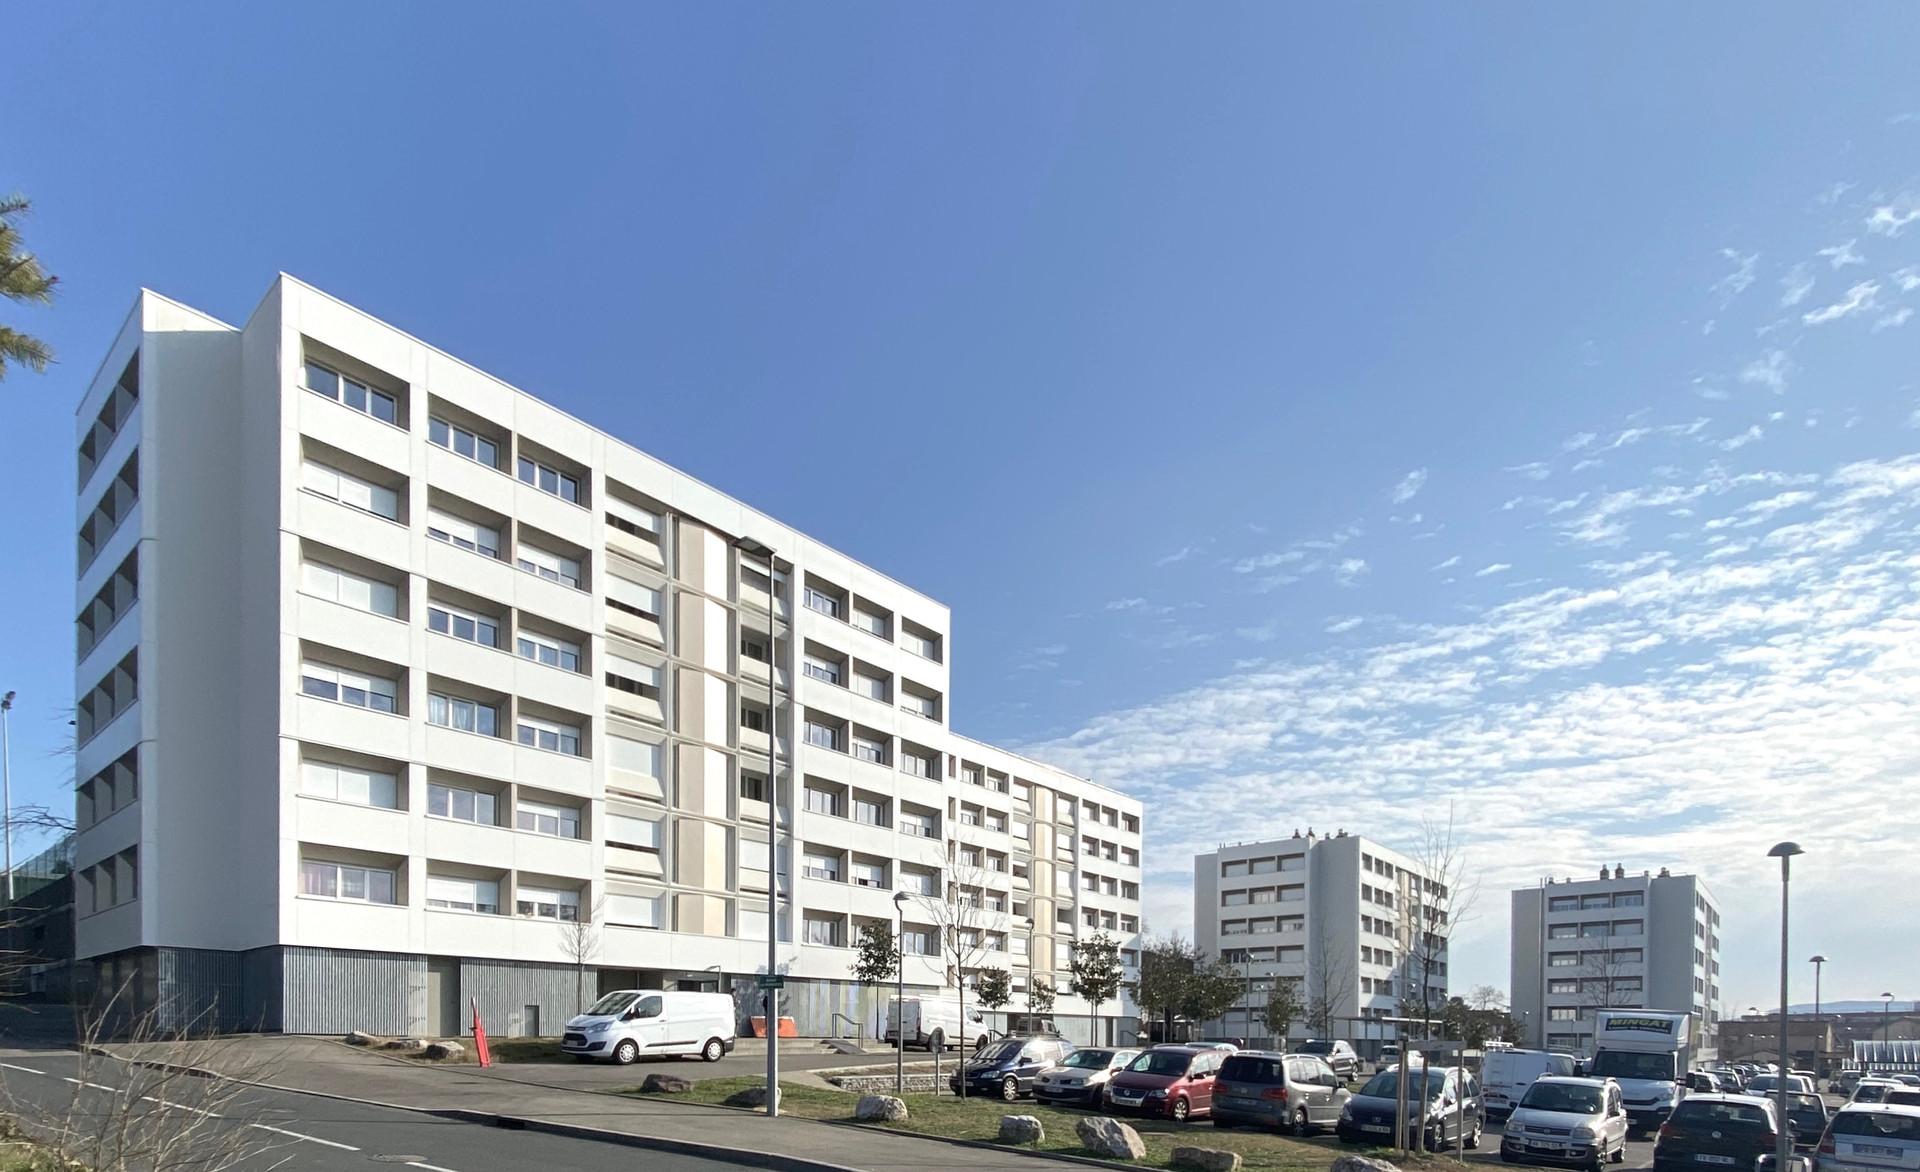 livraison de la réhabilitation de 108 logements en site occupé à Grigny (69)